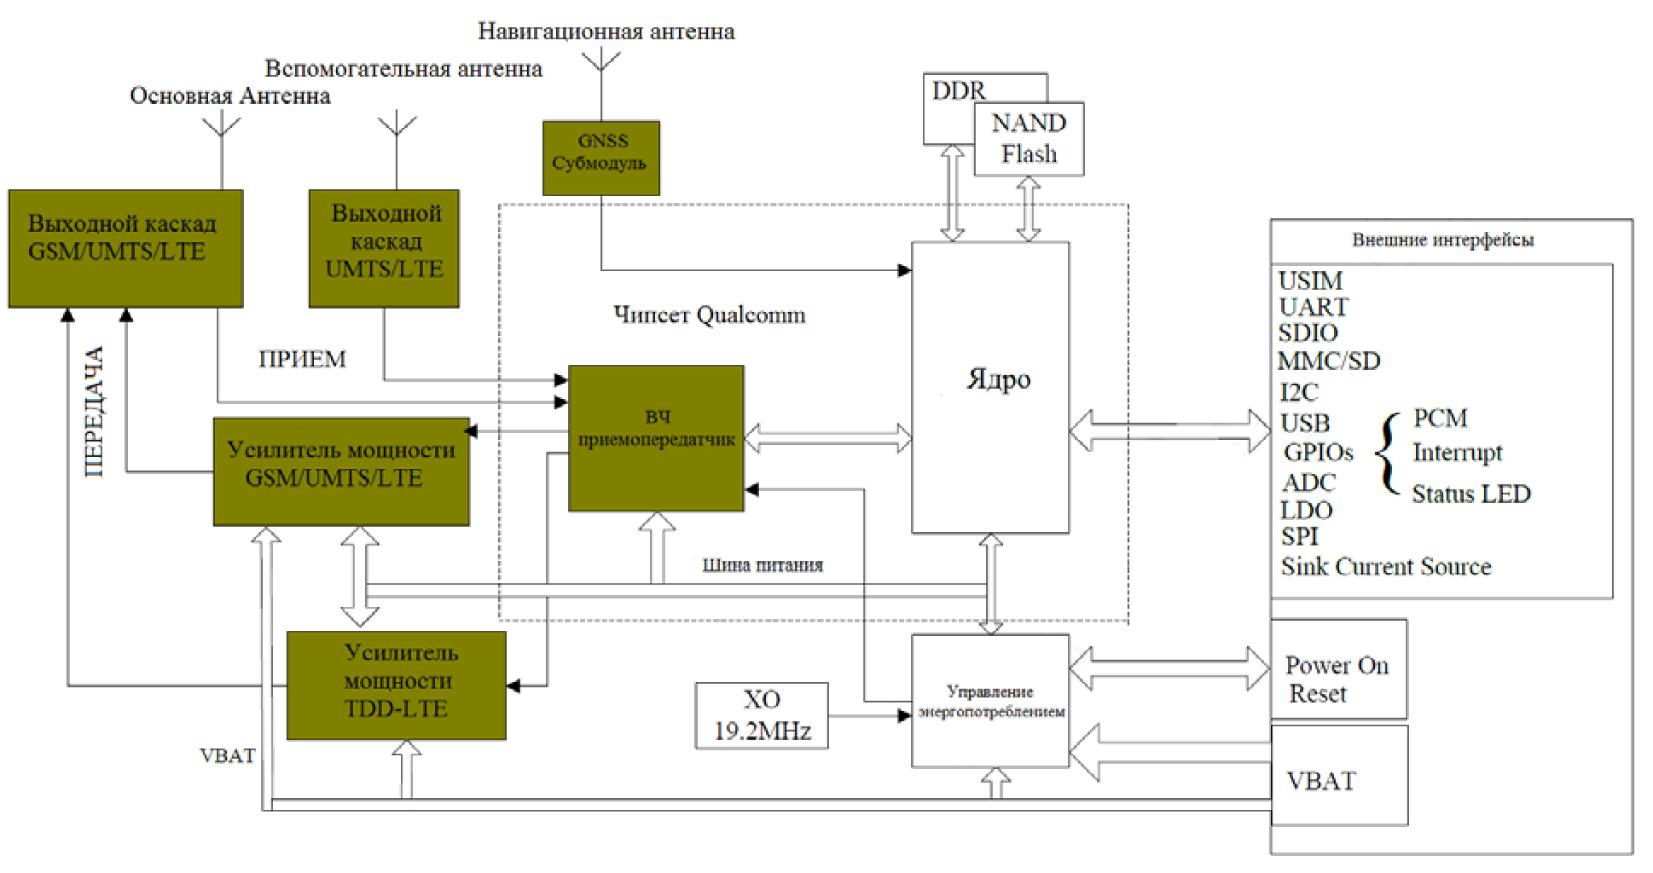 Функциональная схема модулей SIM7600E и SIM7600E-H